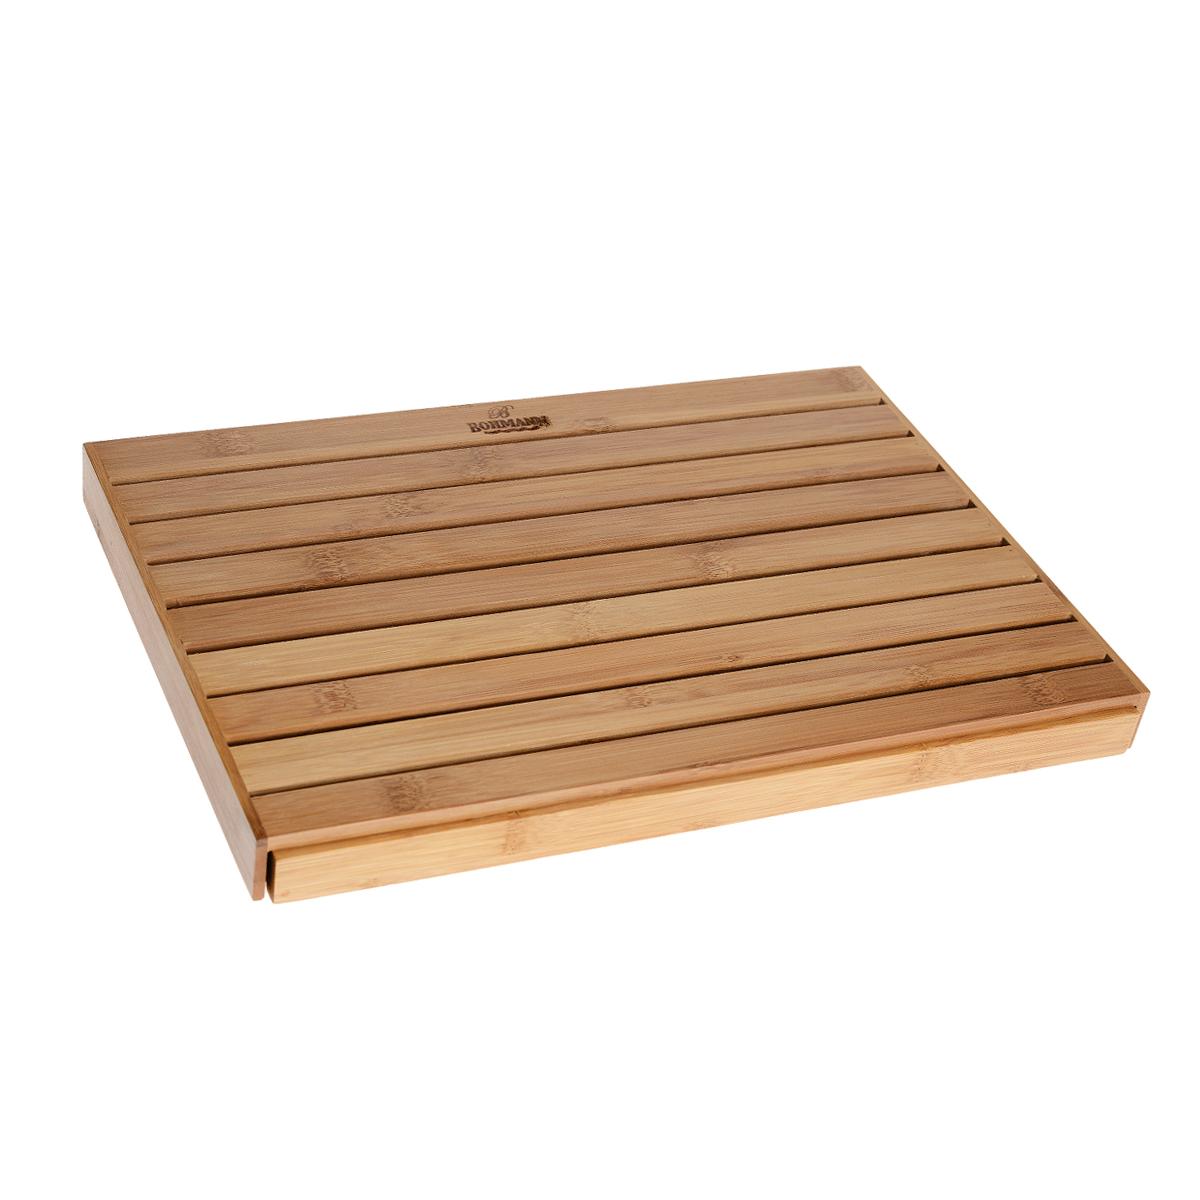 Доска разделочная Bohmann для нарезки хлеба, 40 см х 24 см х 3,5 см02500BHДоска Bohmann для нарезки хлеба изготовлена из бамбуковой плиты и оснащена специальным поддоном для сбора крошек. Бамбук не впитывает влагу, легко моется, не деформируется, не тупит ножи. Благодаря твердости бамбука и красоте структуры его древесины из него очень часто делают разделочные доски, которые предназначены для нарезки сырой и готовой пищи. Они также могут служить как подставки под горячее.